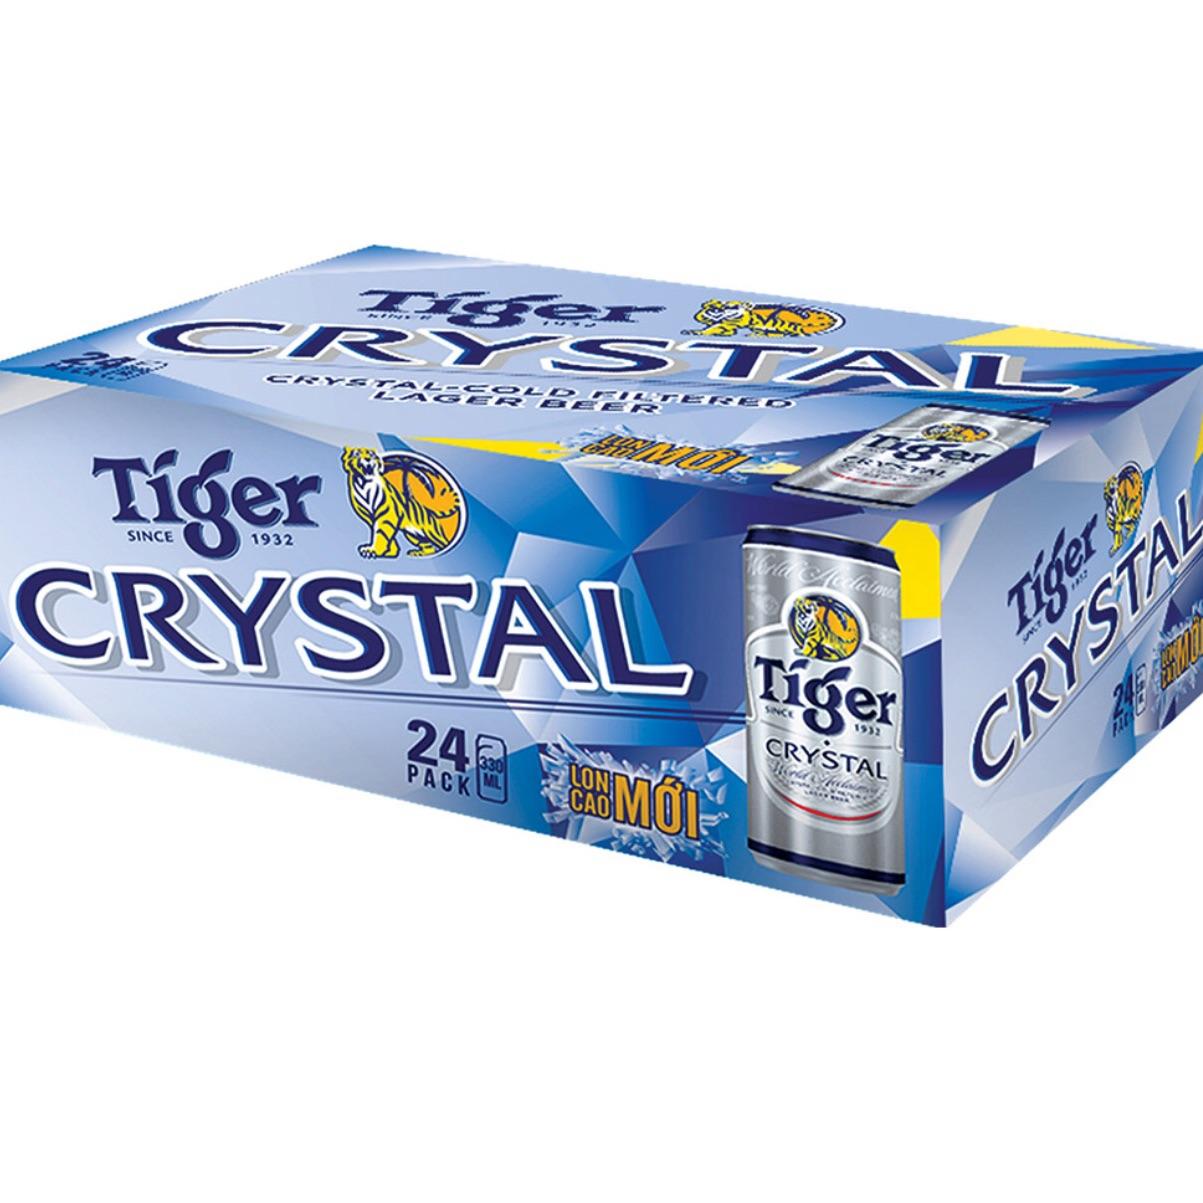 Bia Tiger crytal thùng 24 lon